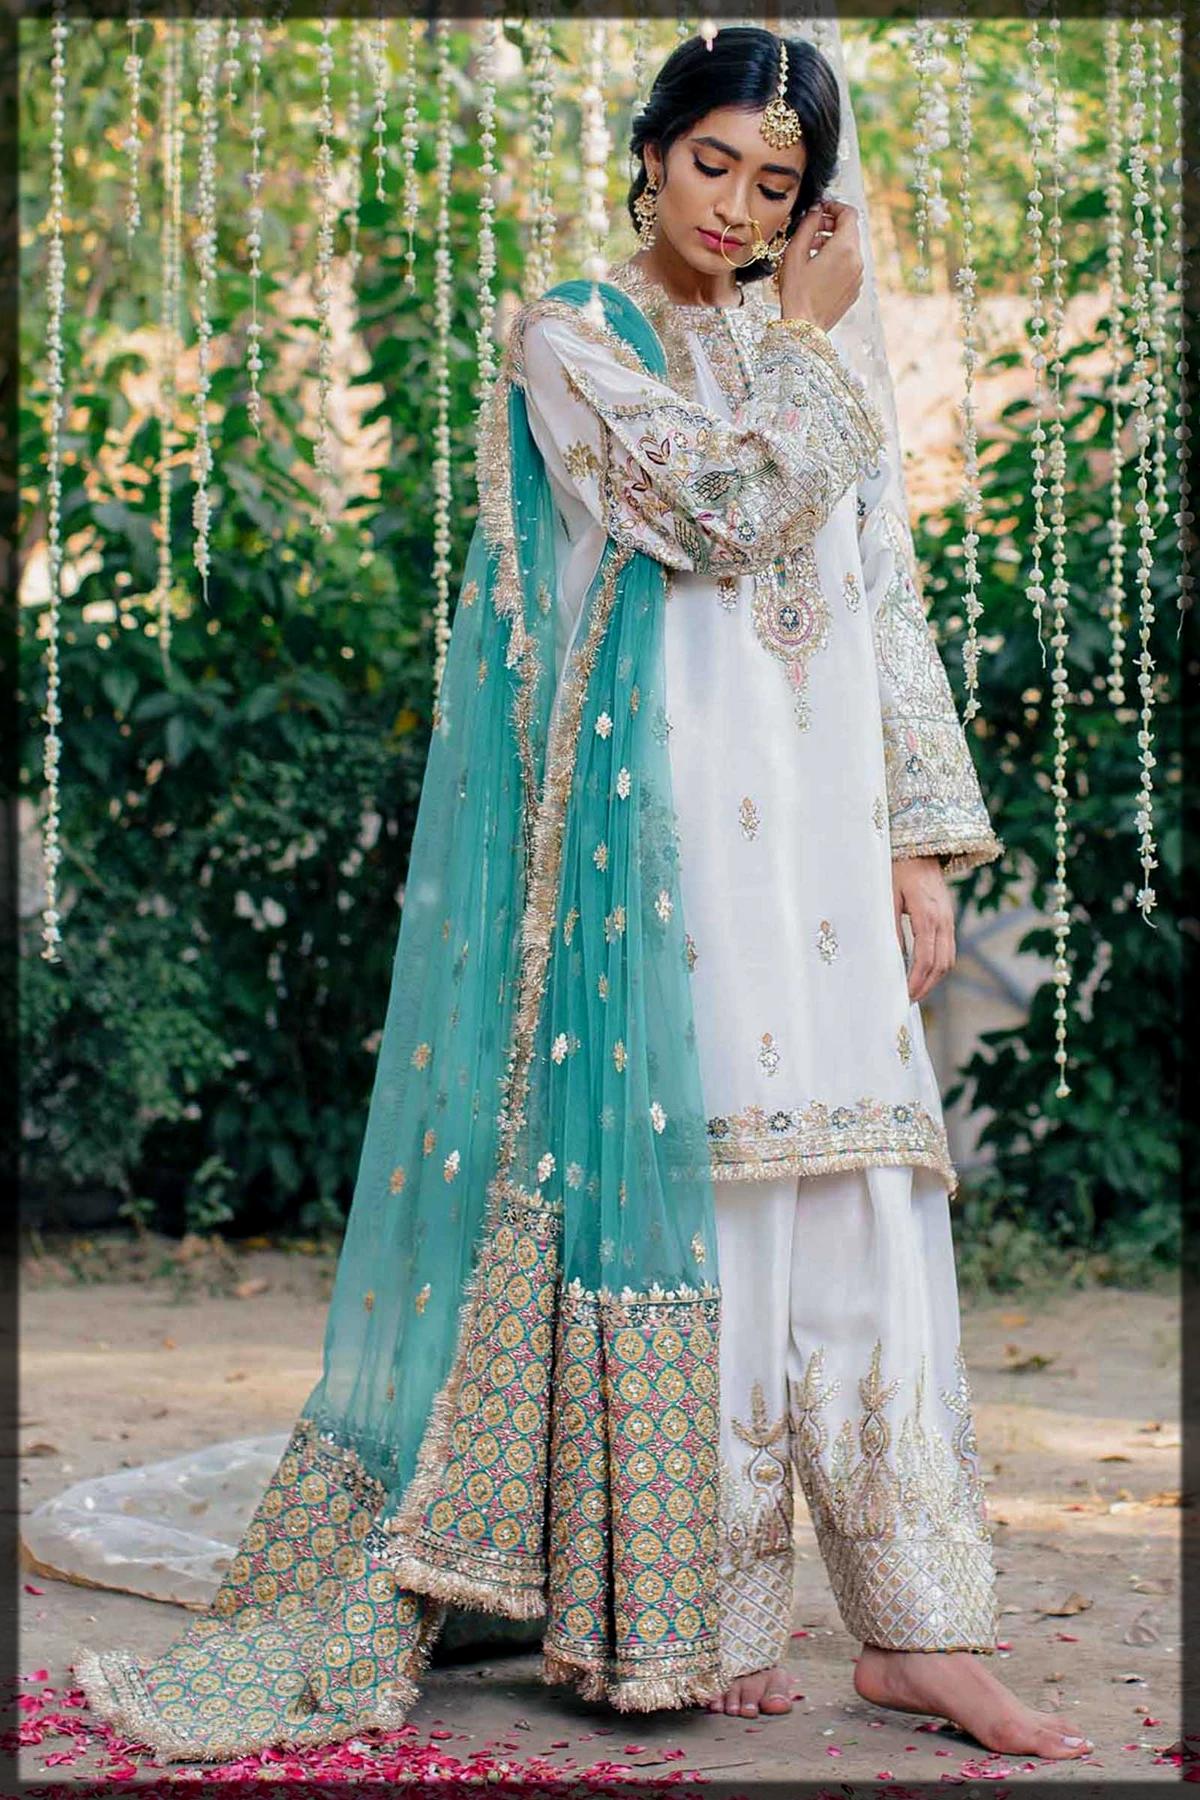 Impressive White Shalwar Kameez for Nikkah